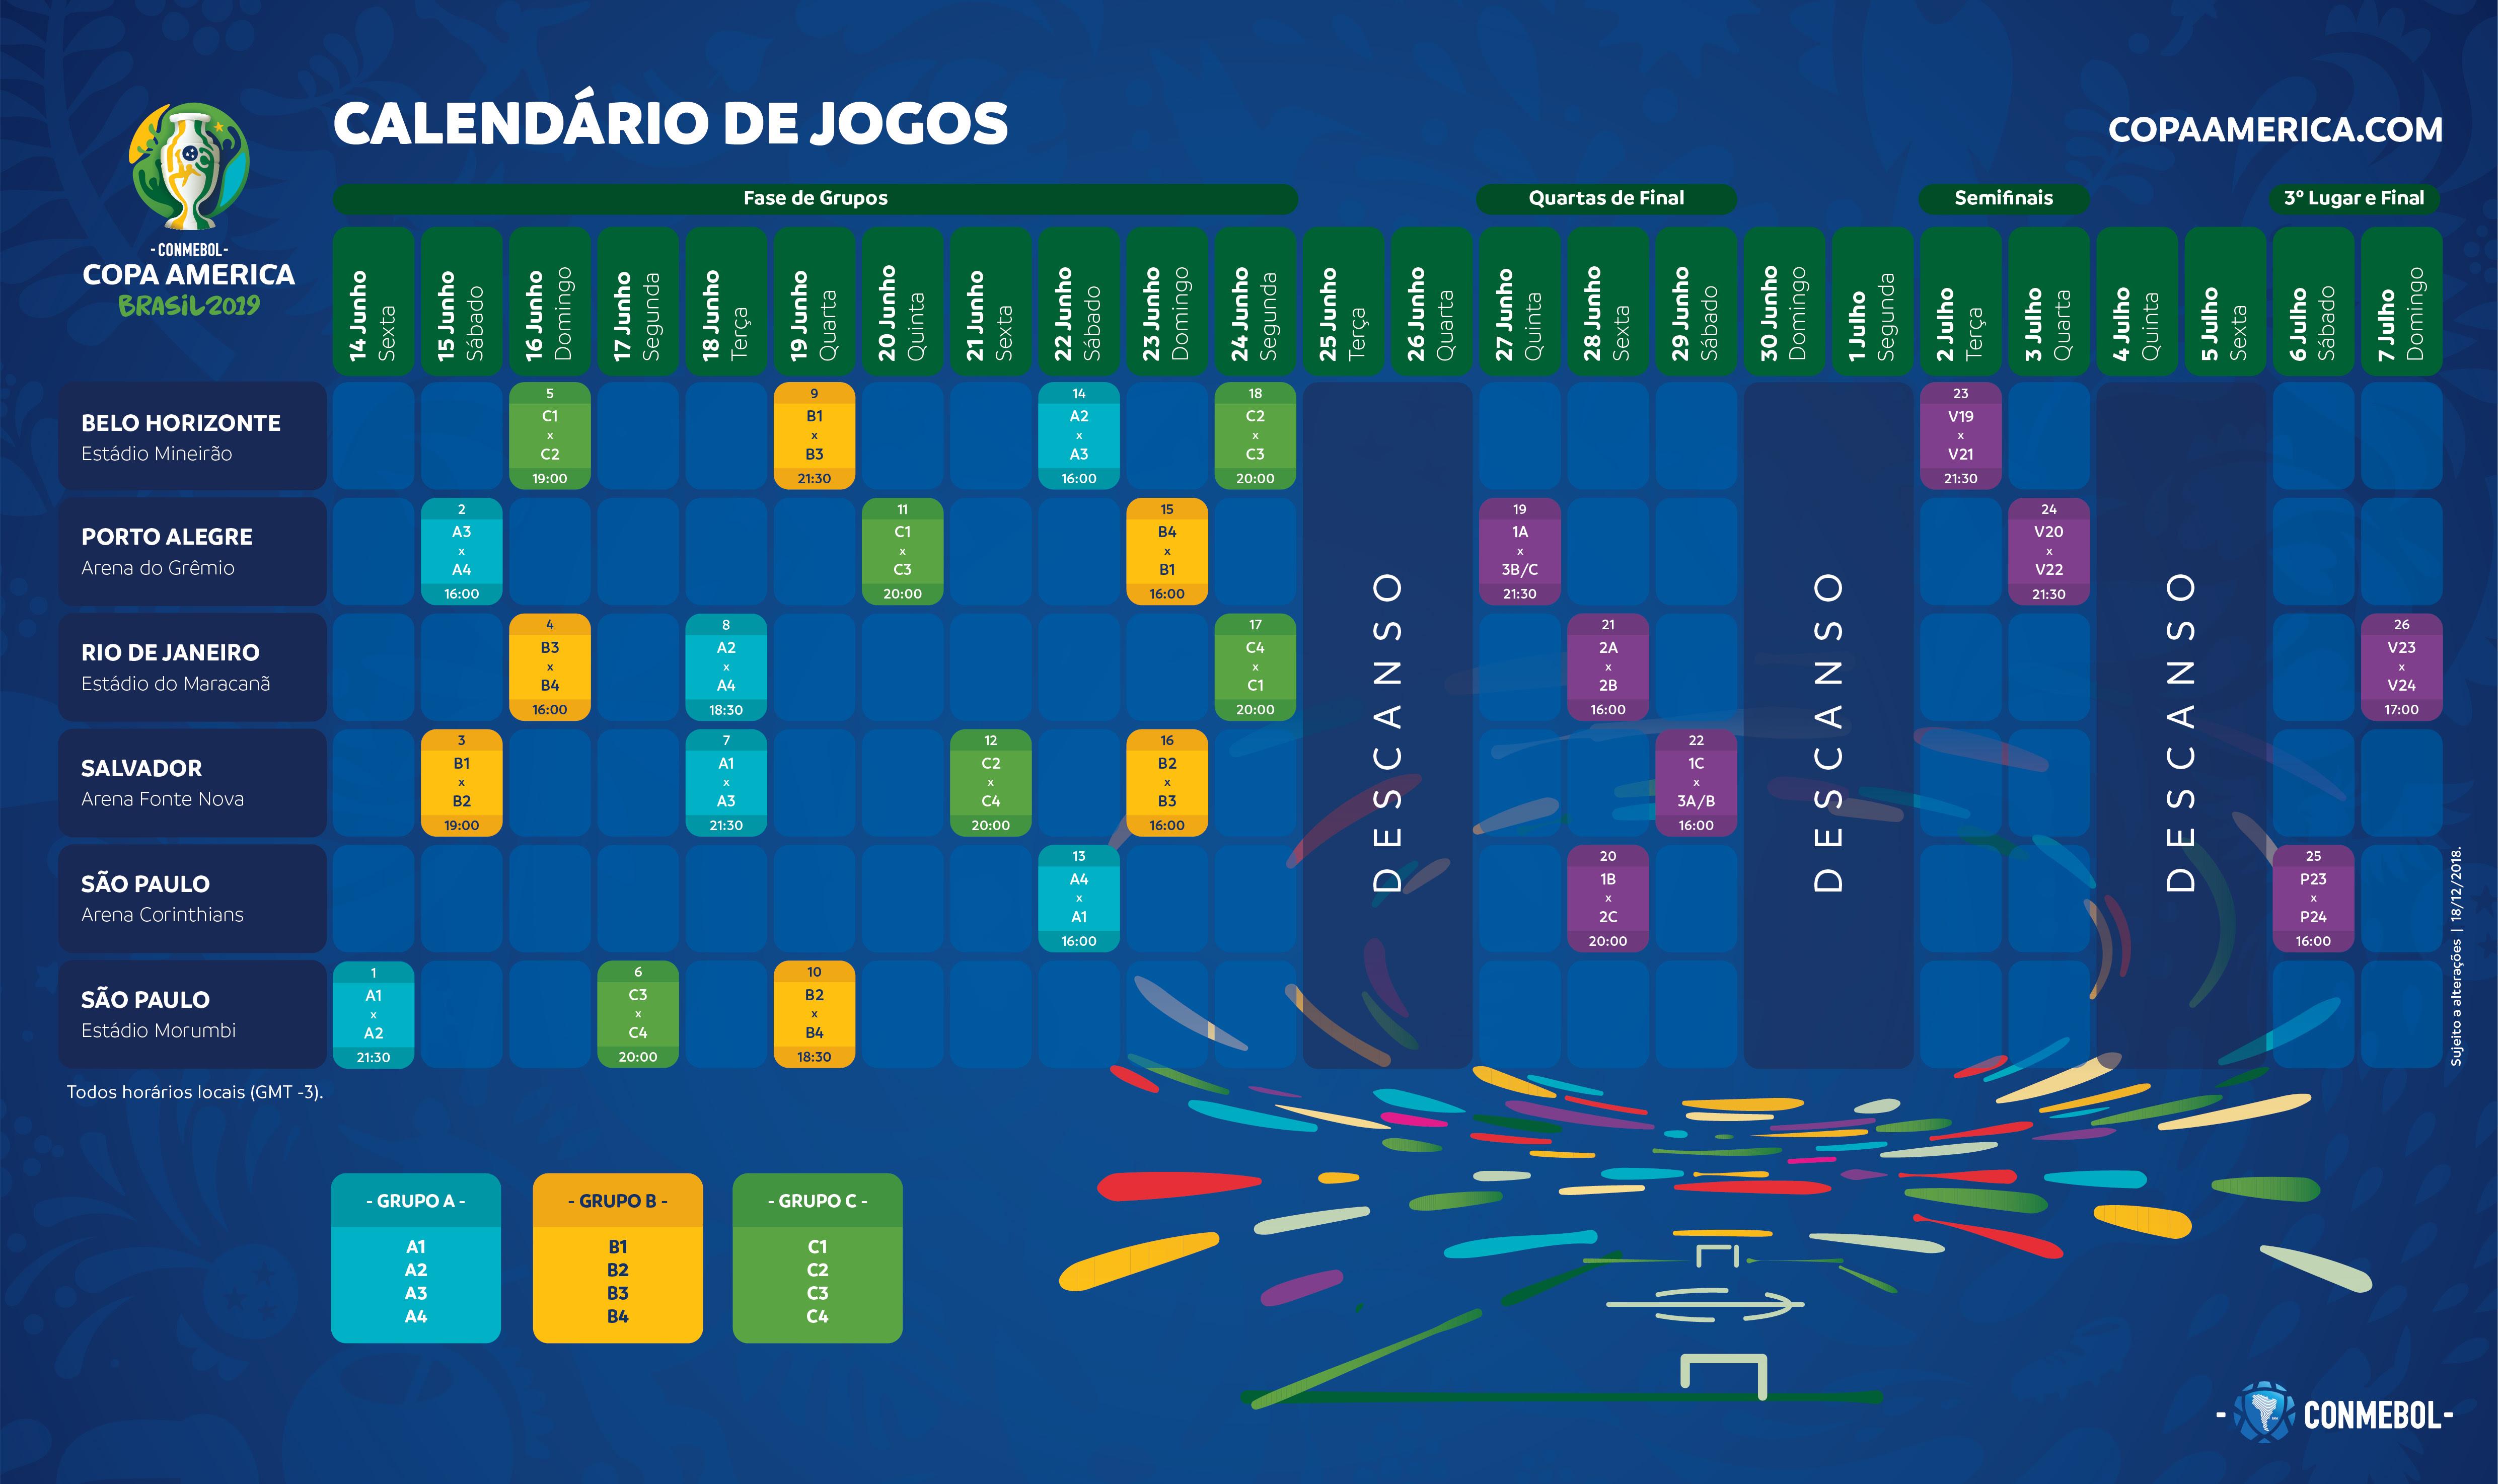 Programação de jogos da Copa América 2019